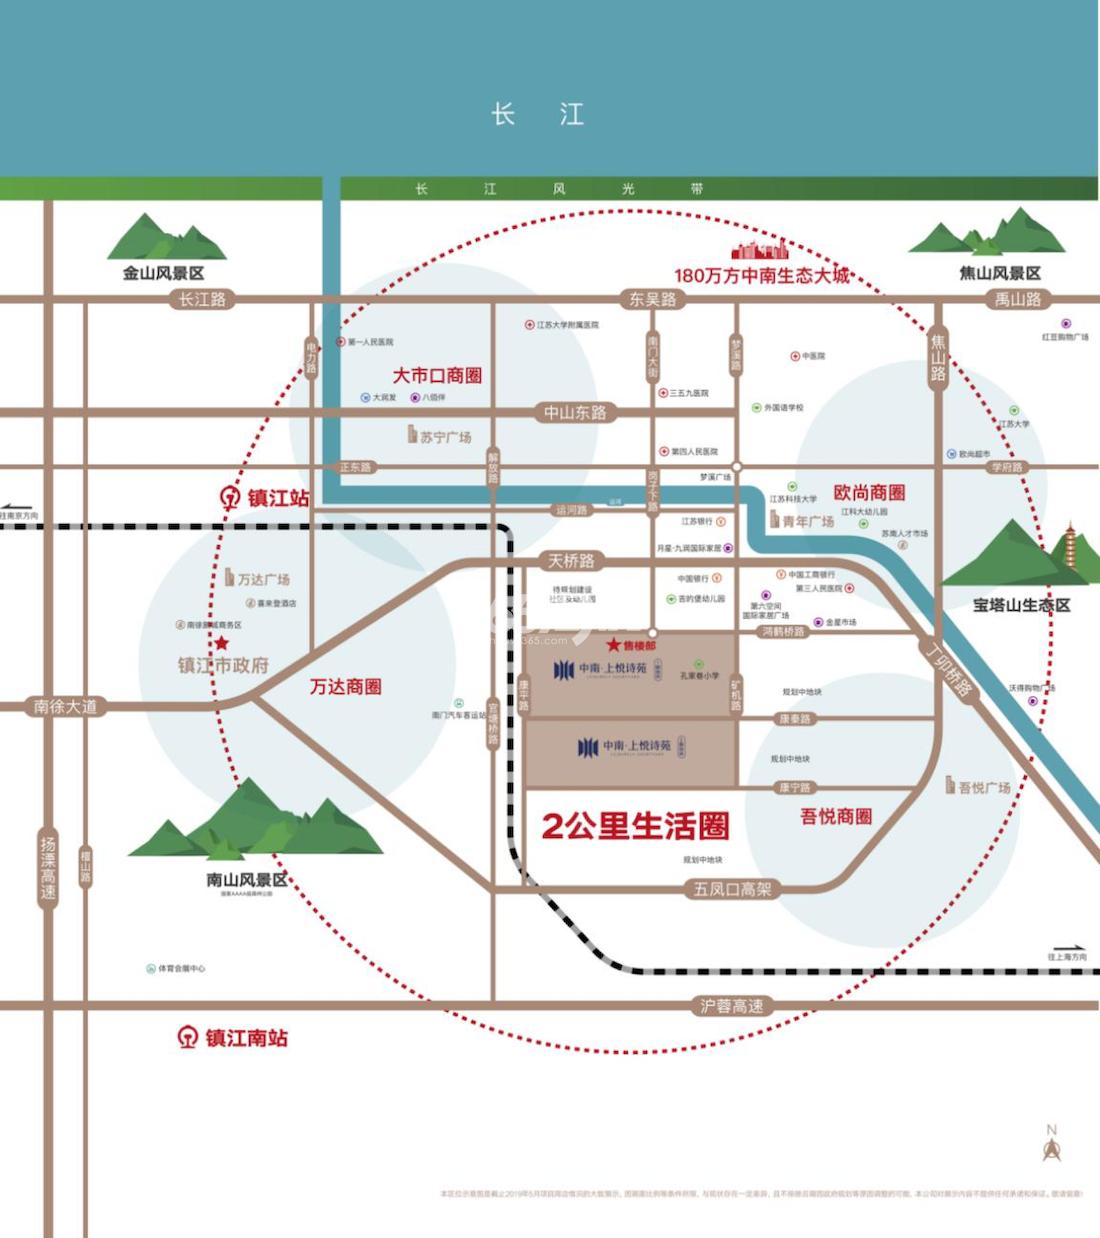 中南上悦诗苑交通图